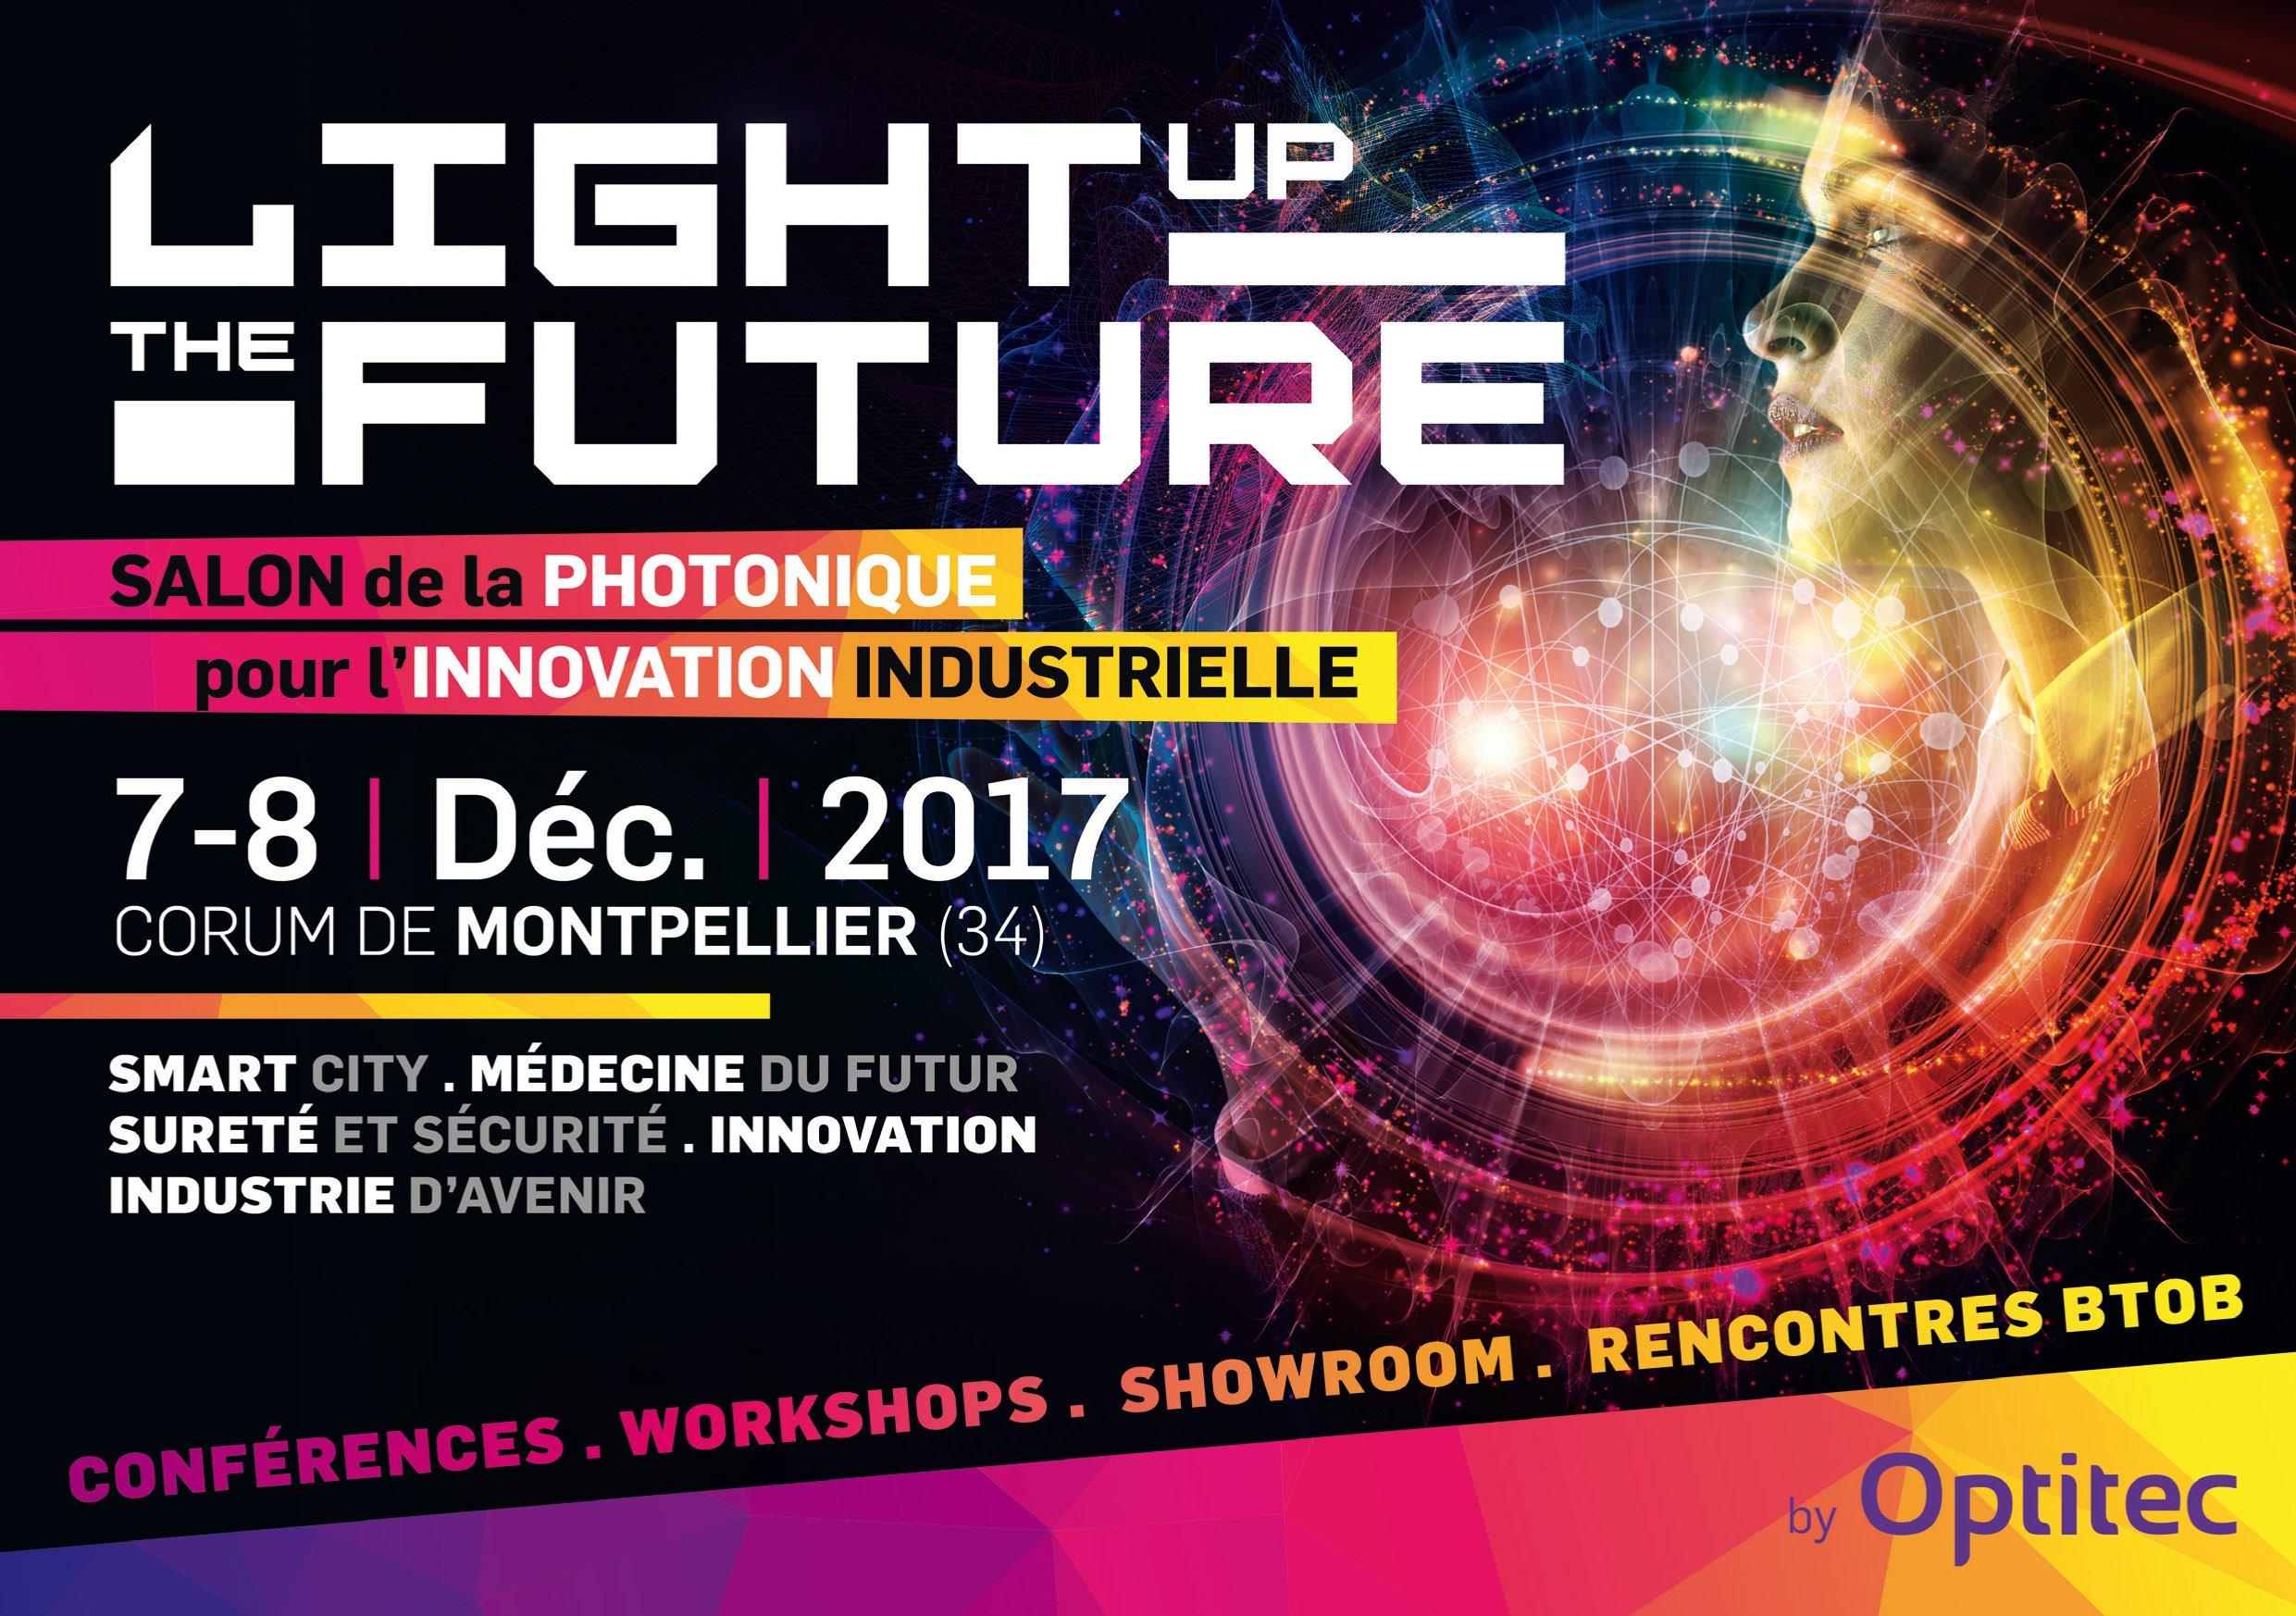 LightUptheFuture, le salon de la photonique pour l'innovation industrielle !